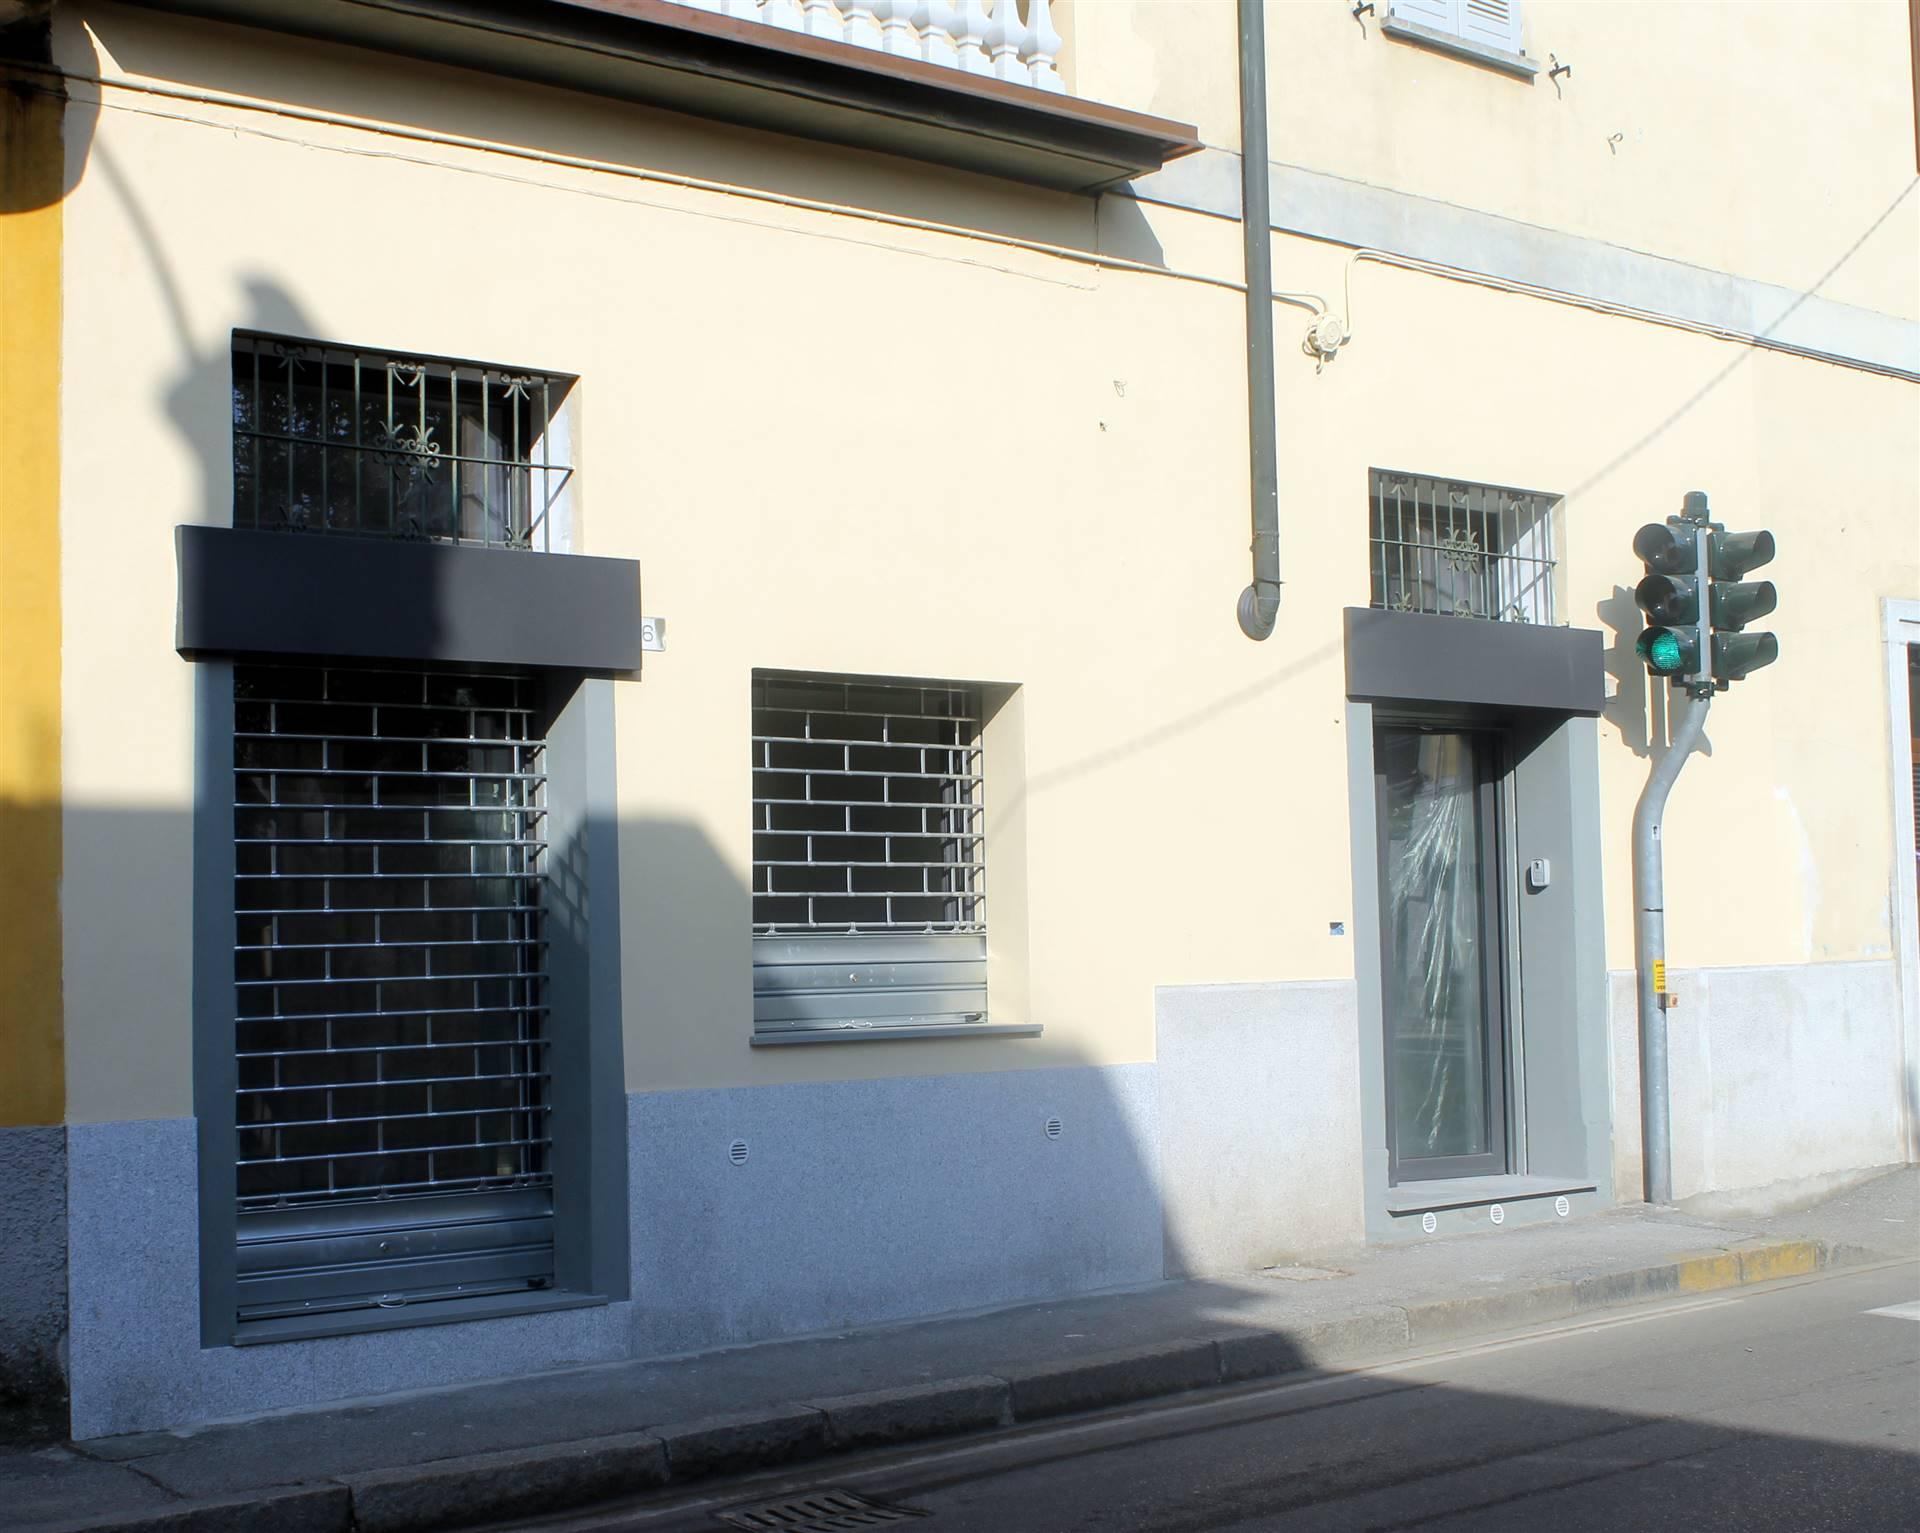 Negozio / Locale in affitto a Gessate, 2 locali, prezzo € 700 | CambioCasa.it